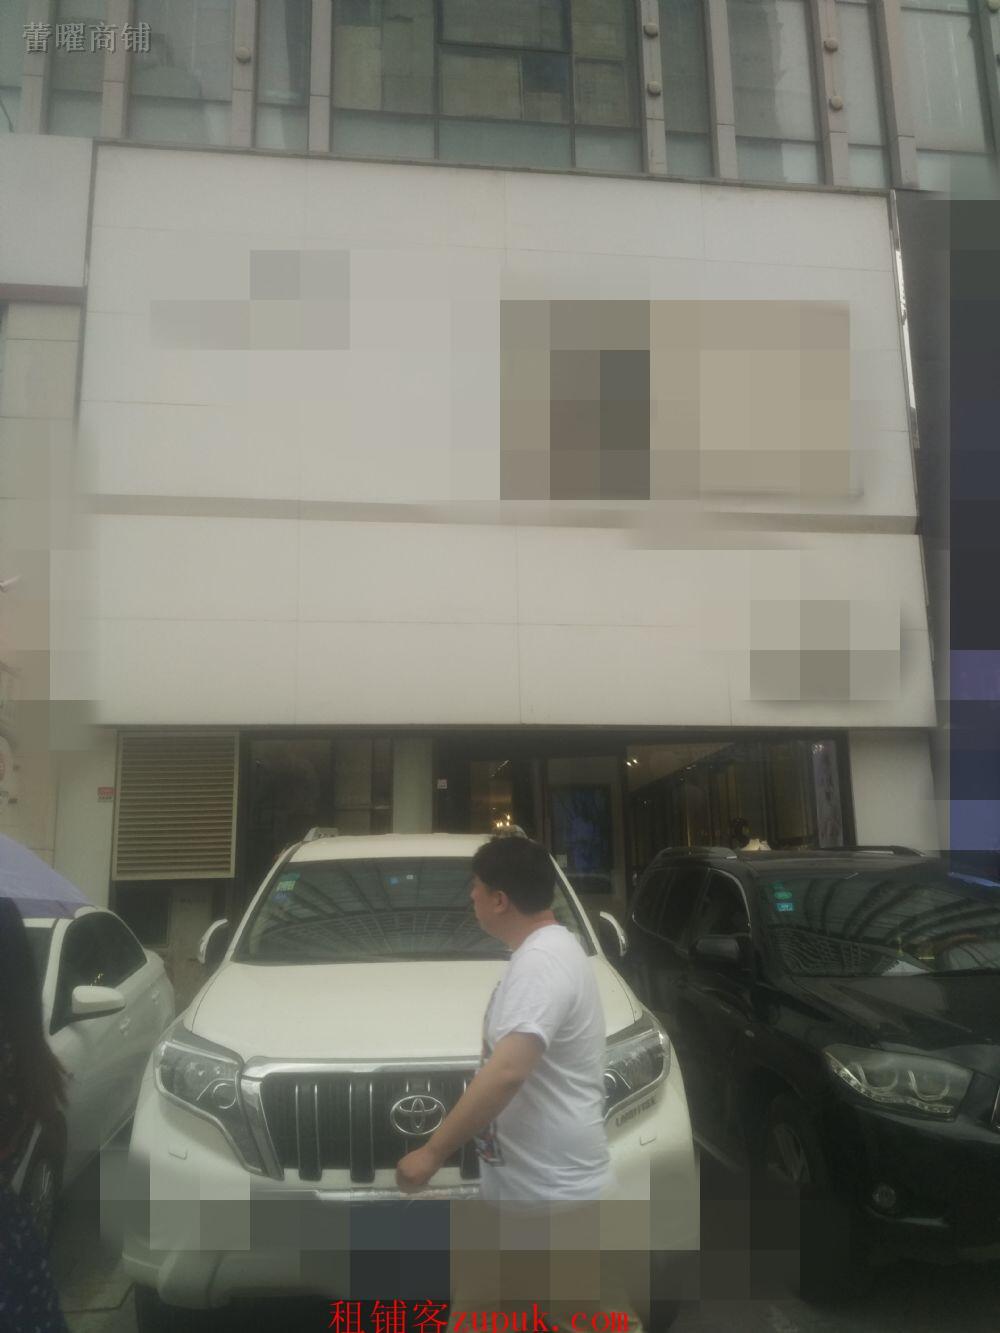 [长青沃尔玛]450平直租大门脸品牌餐饮聚集地人流密集